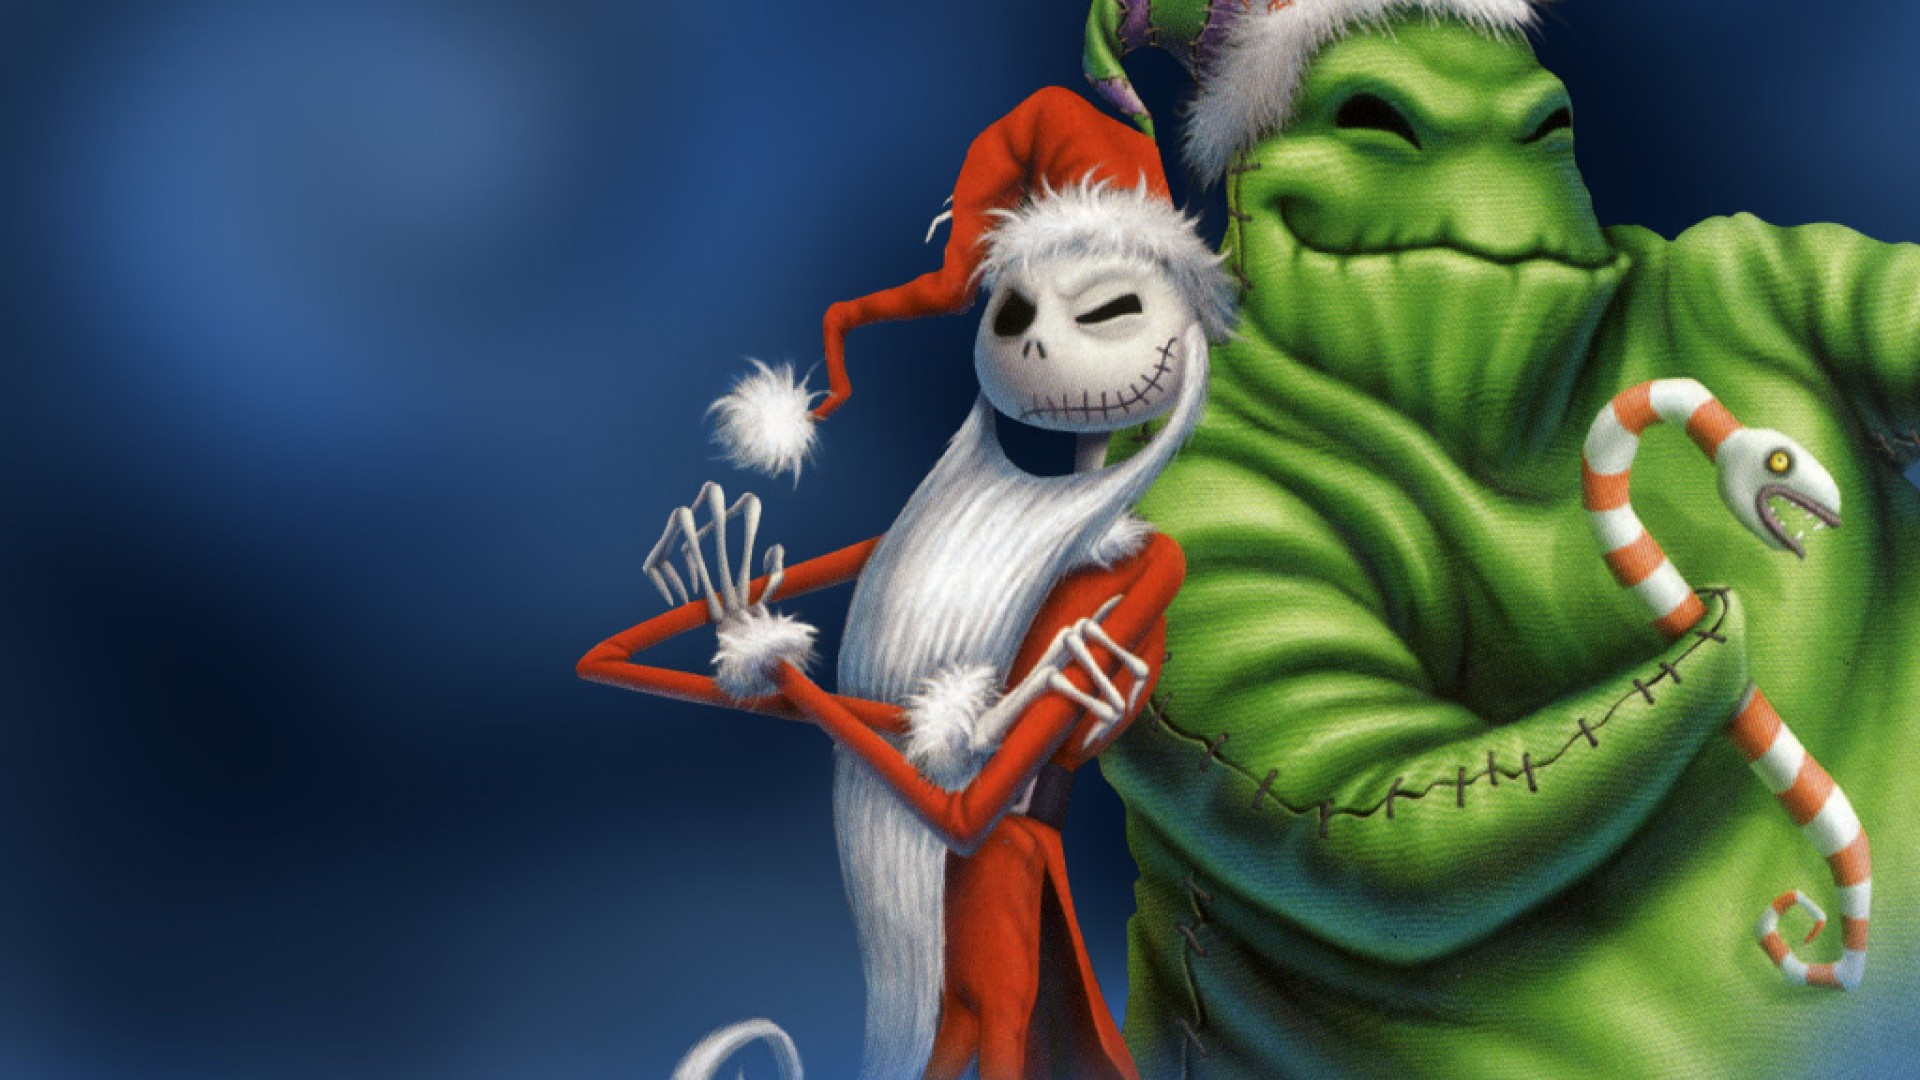 hd hintergrundbilder weihnachten weihnachtsmann oogie boogie jack skellington nightmare before christmas malerei 1920x1080